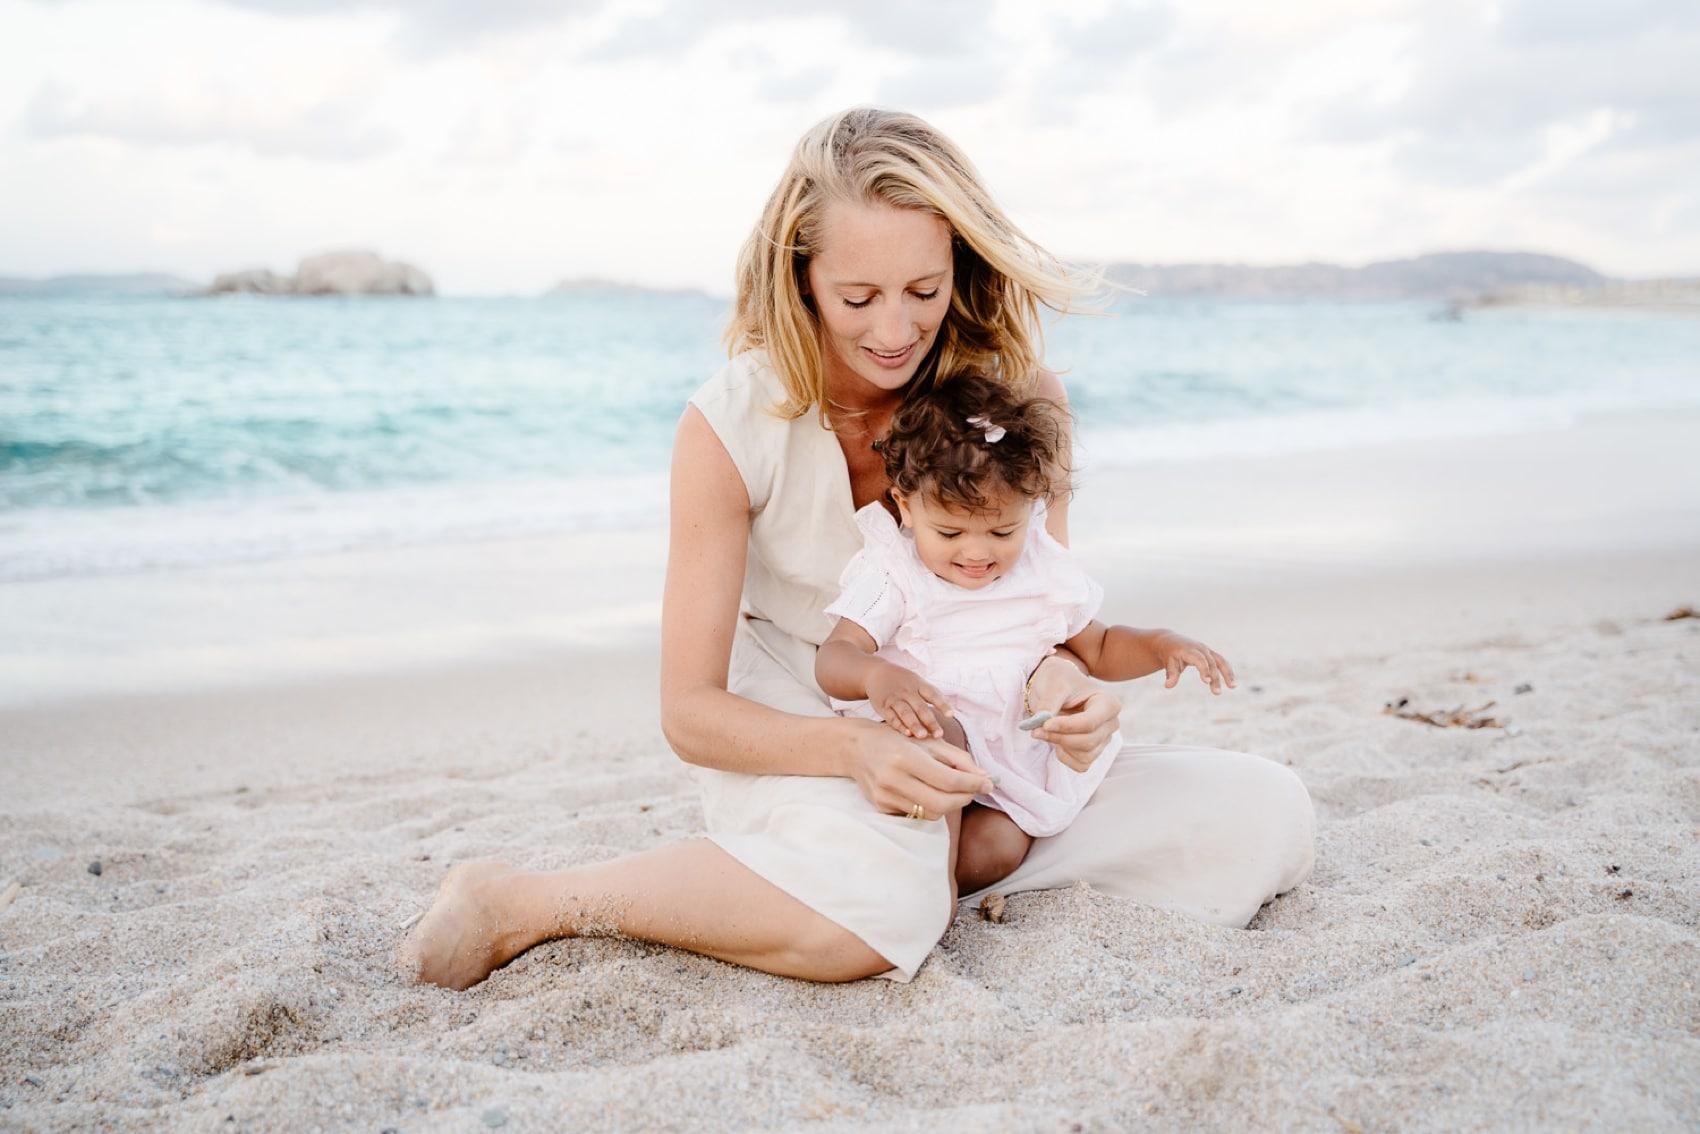 family lifestyle photo on the beach